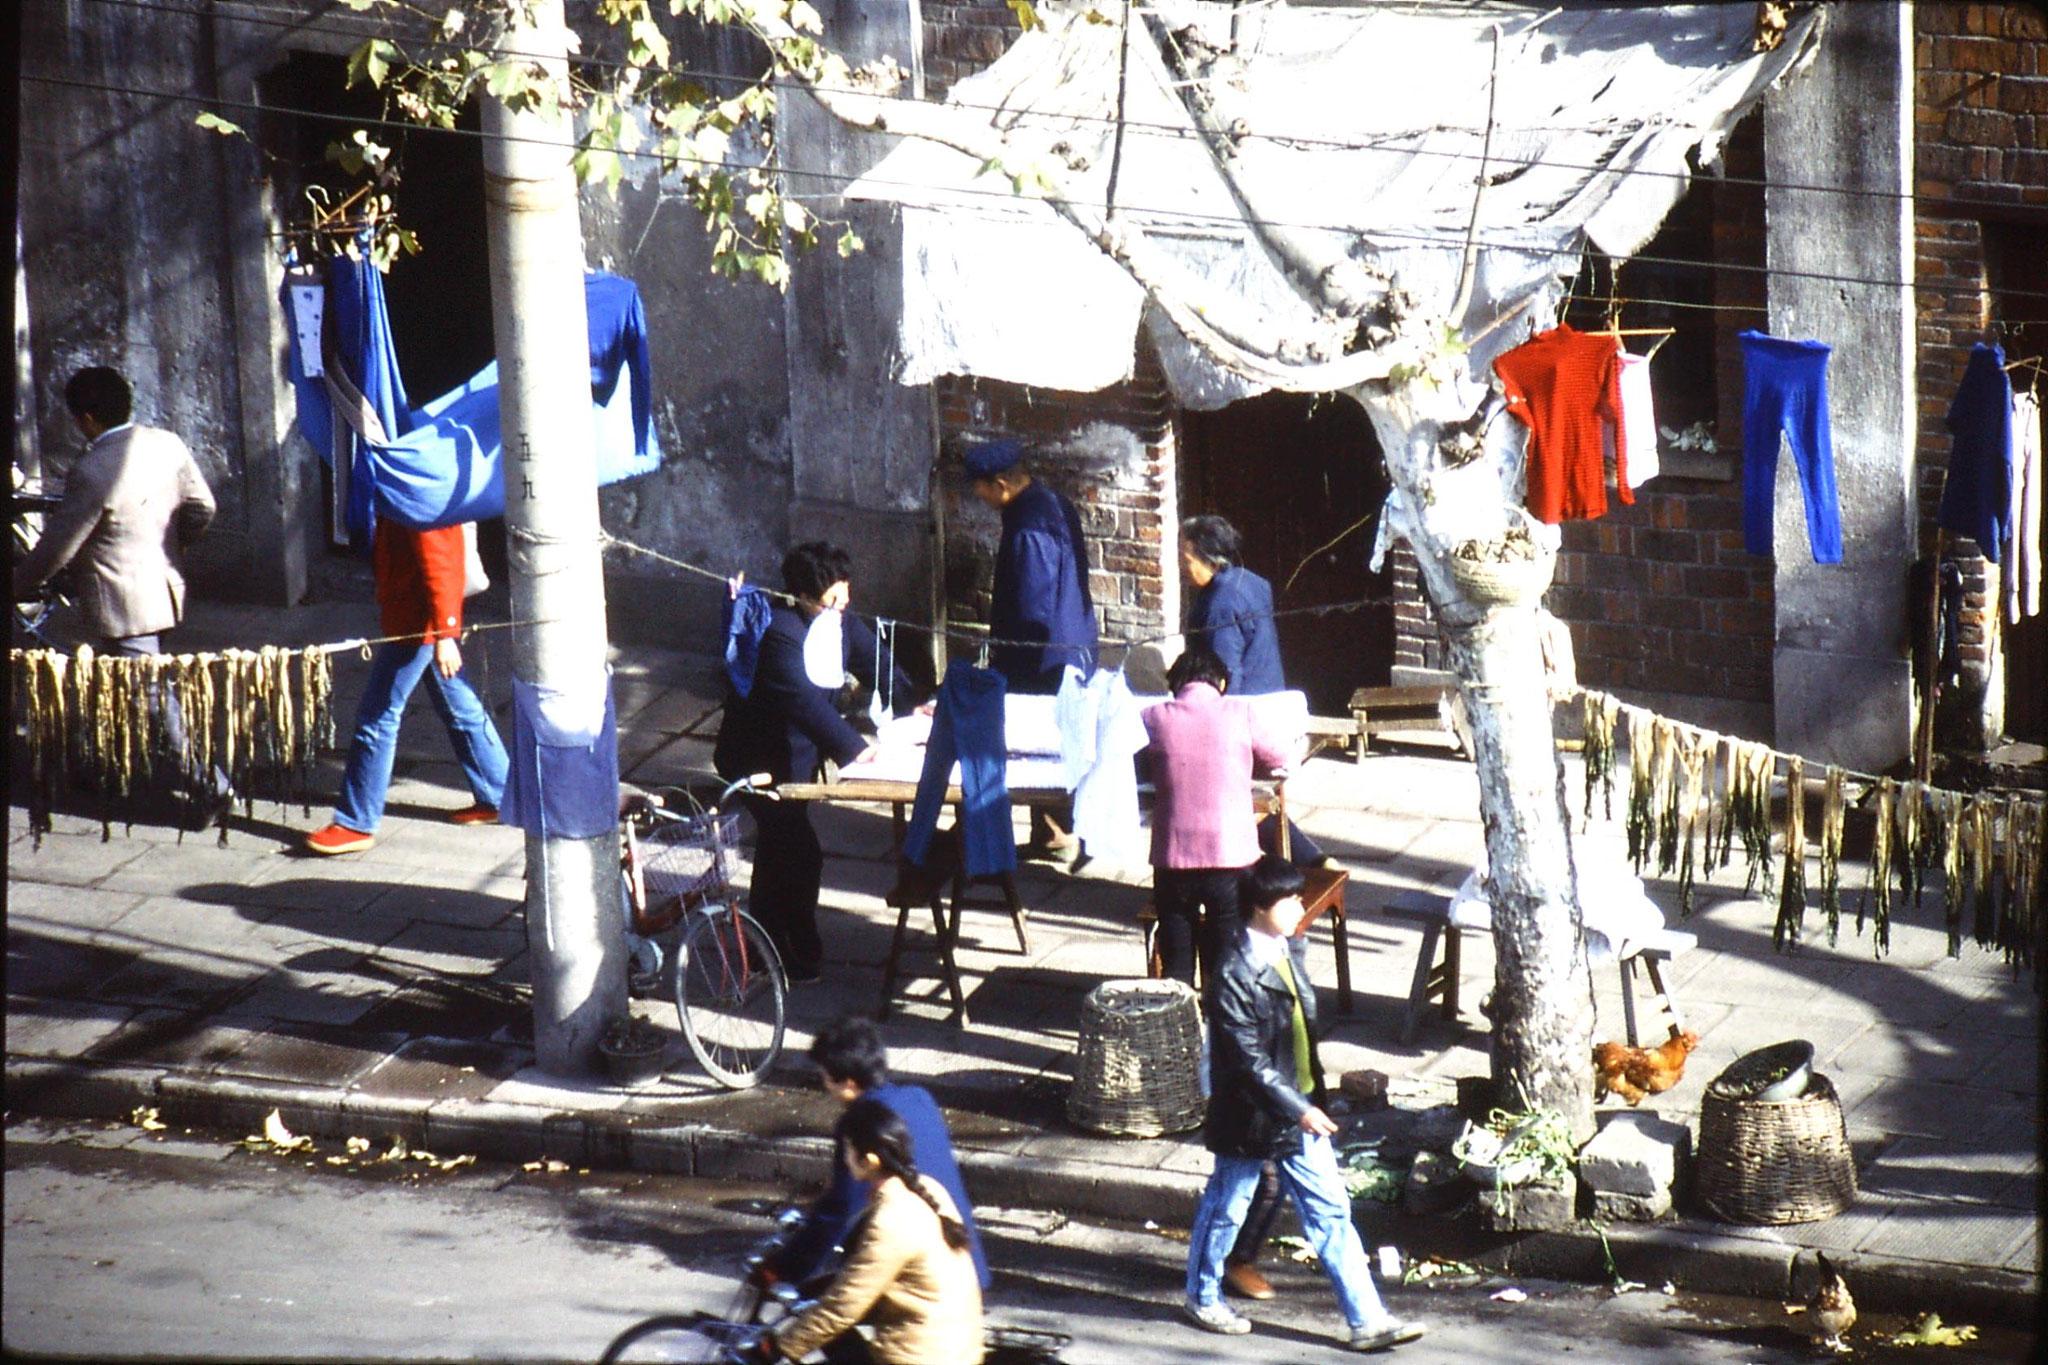 11/12/1988: 25: Nanjing ironing